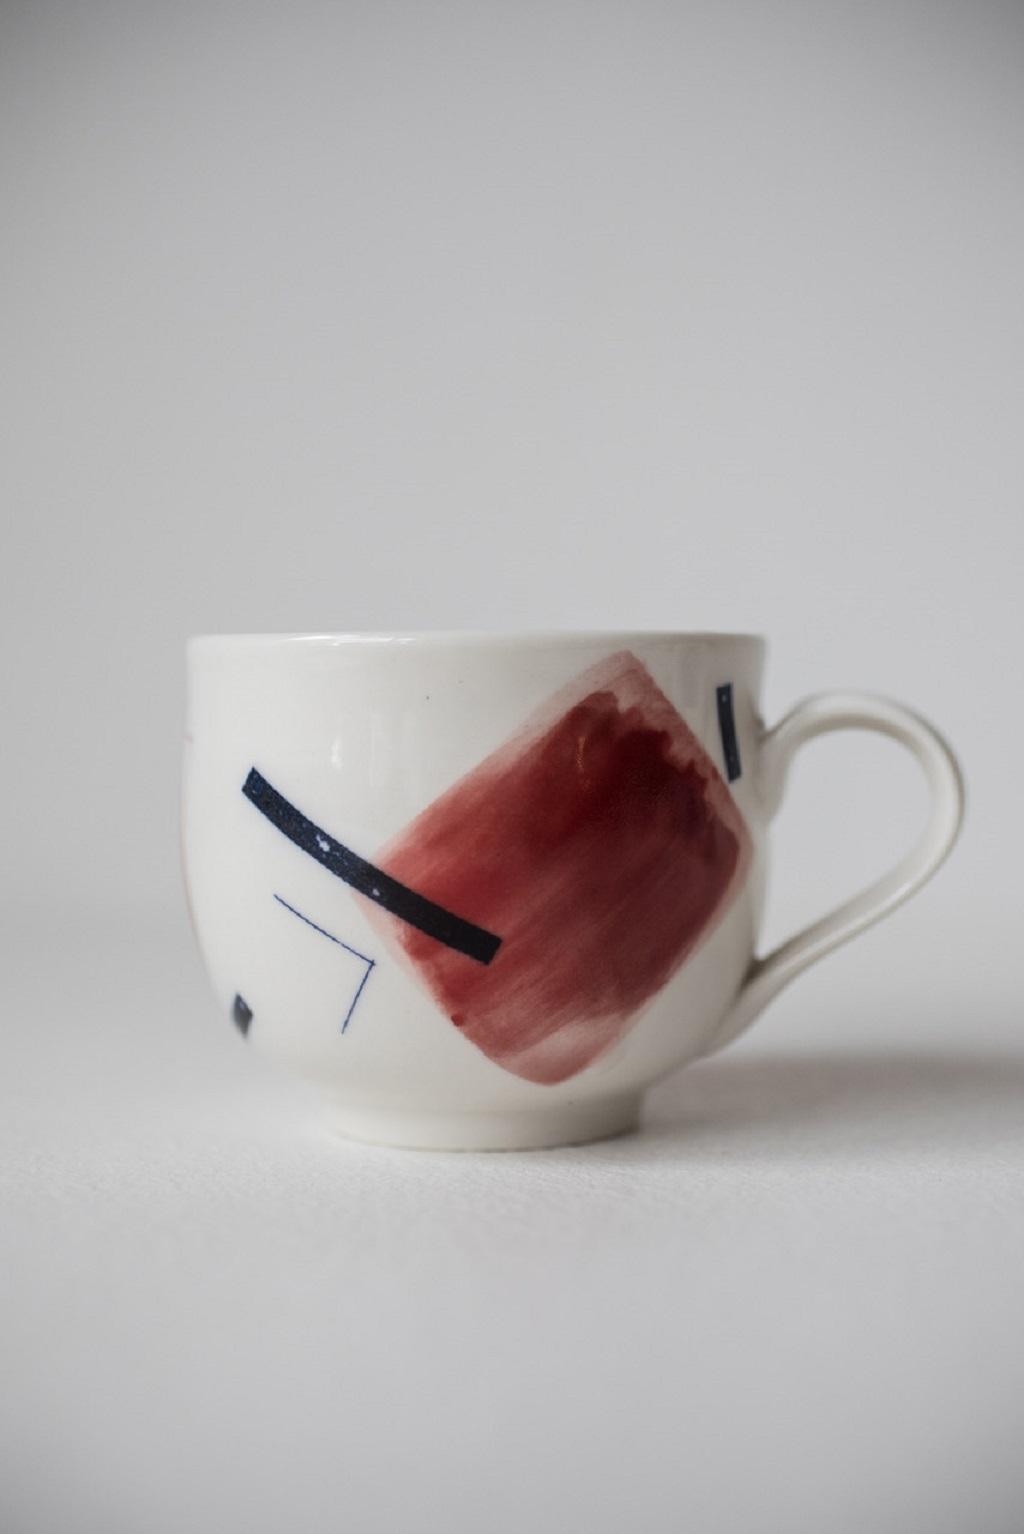 Pottery by Julia Draškoci